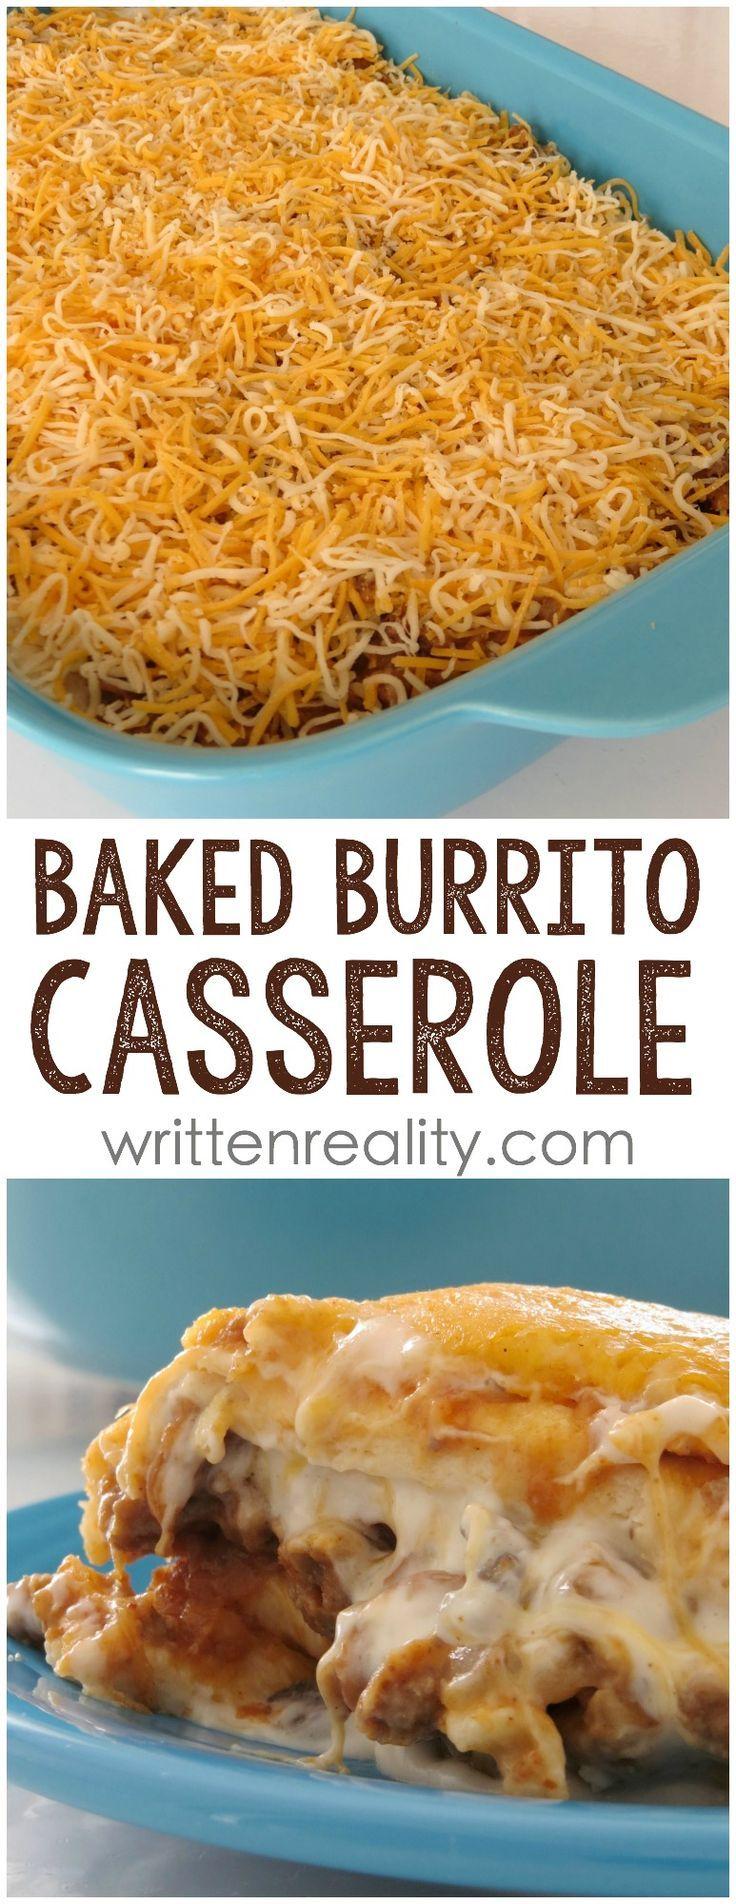 Baked Burrito Casserole Recipe: An easy casserole recipe you'll love!